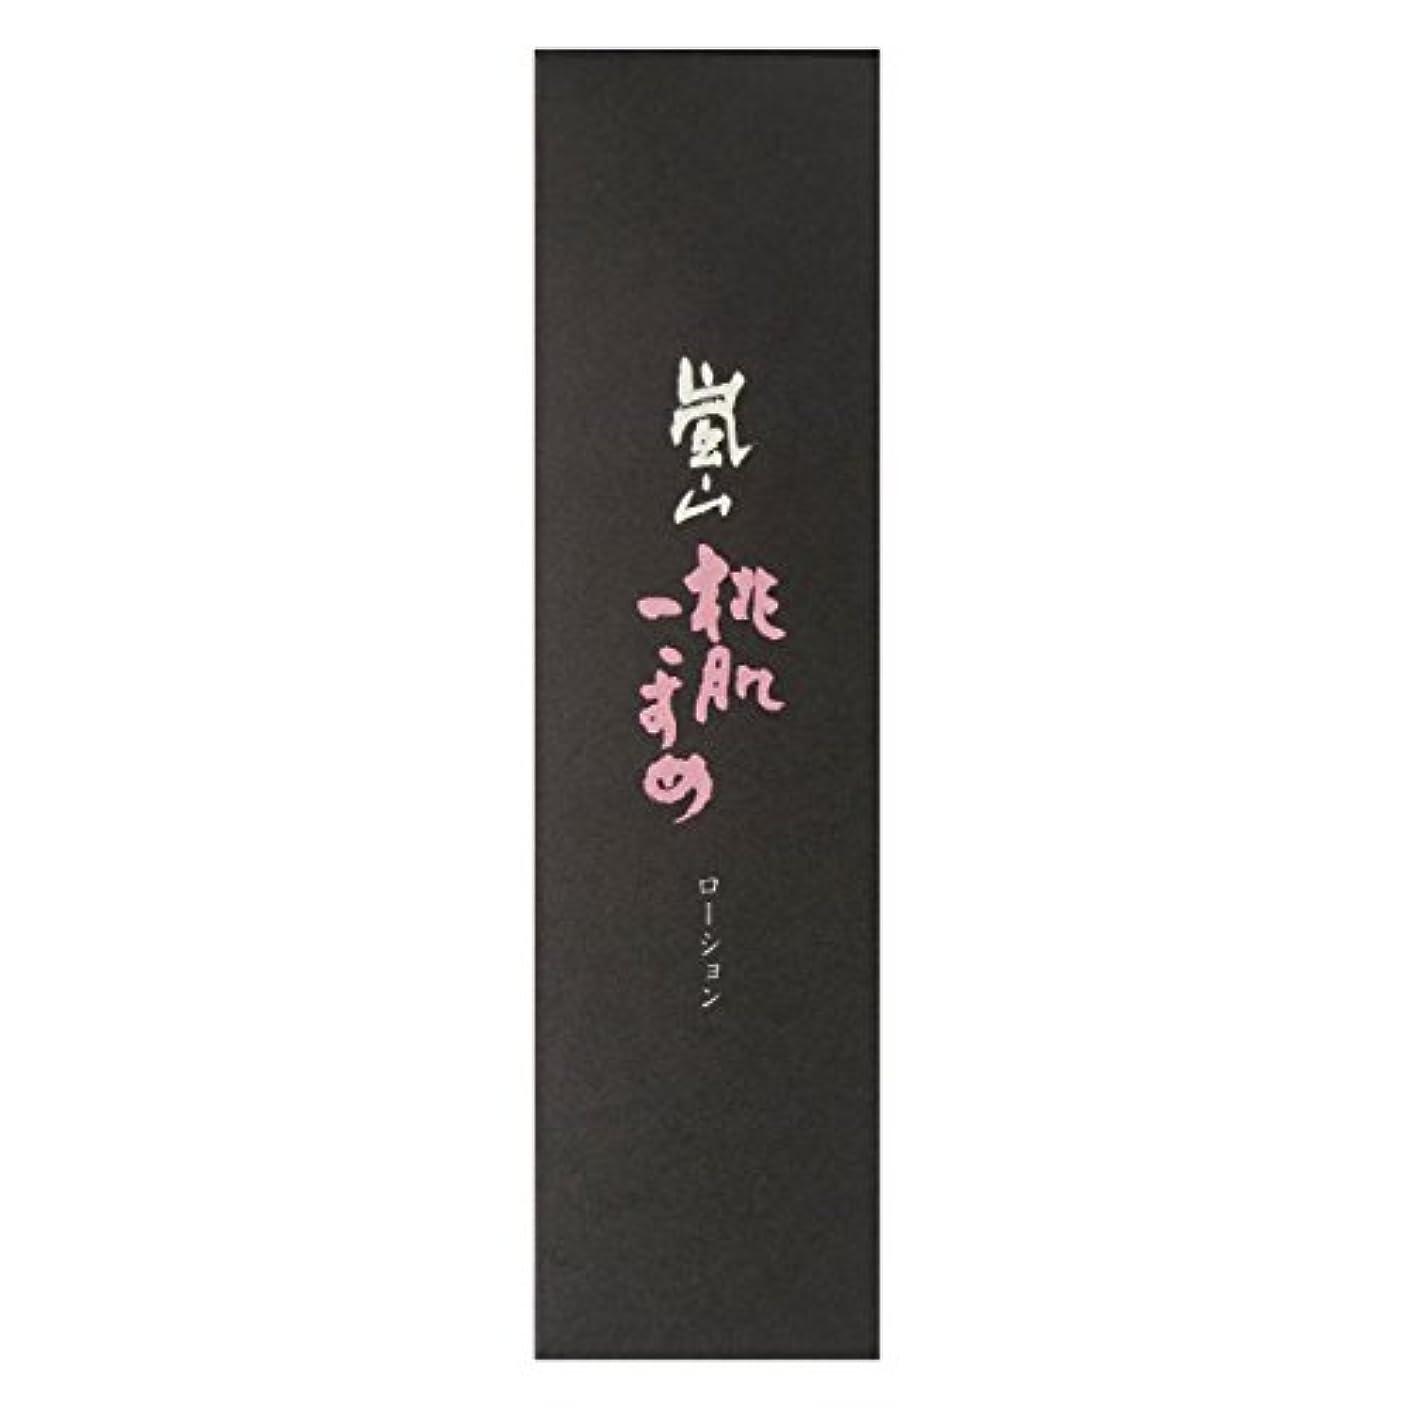 ティームセンチメンタル雨メリードア 嵐山桃肌こすめ化粧水 200mL